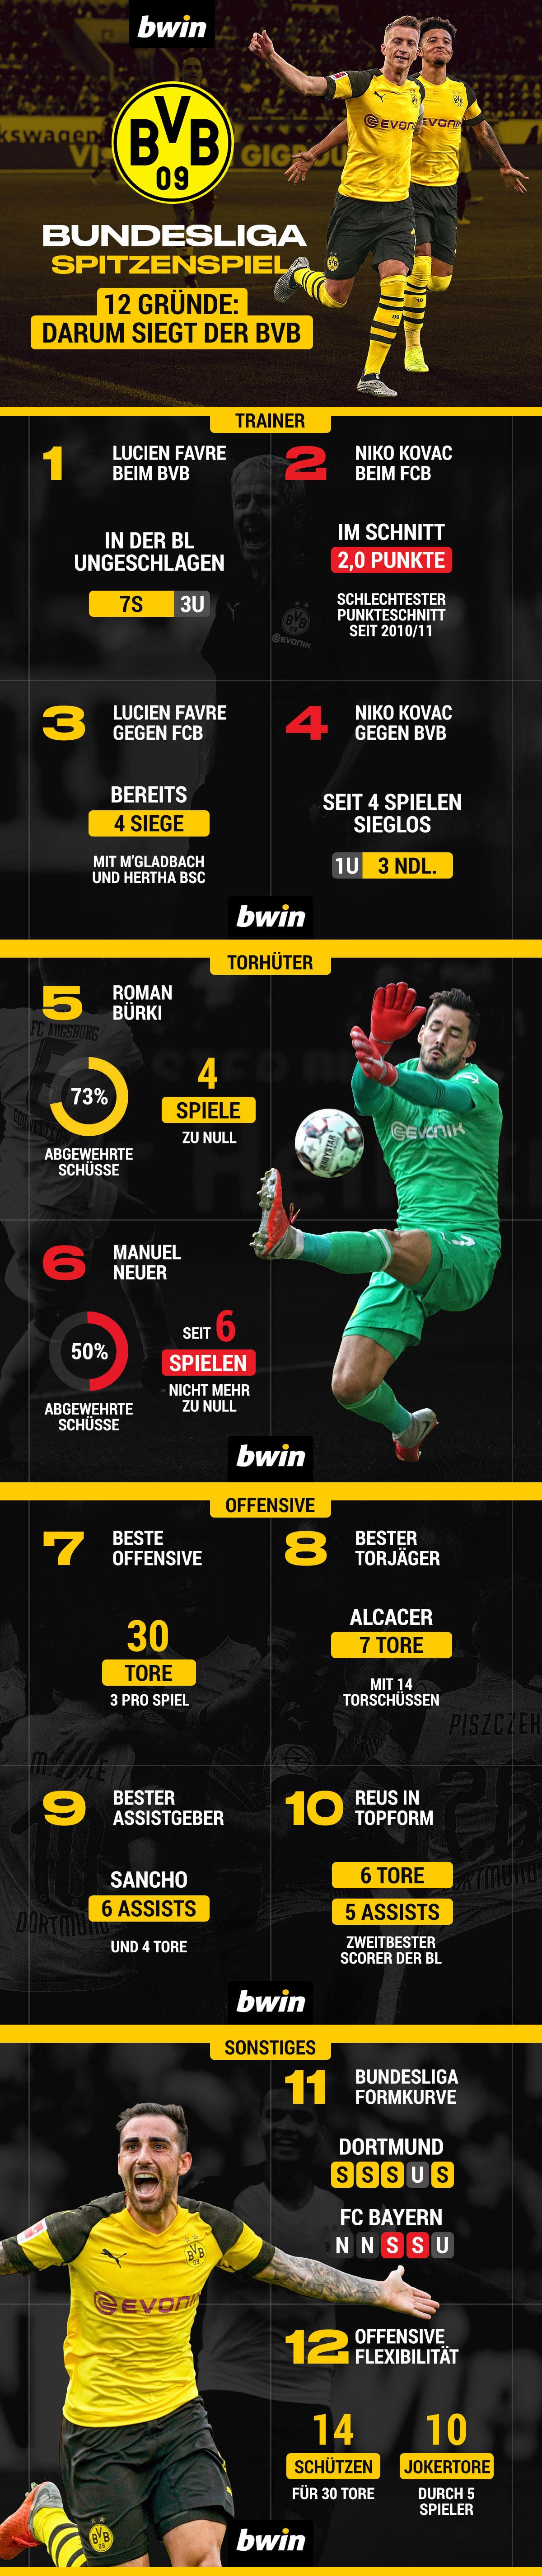 Darum gewinnt der BVB gegen Bayern